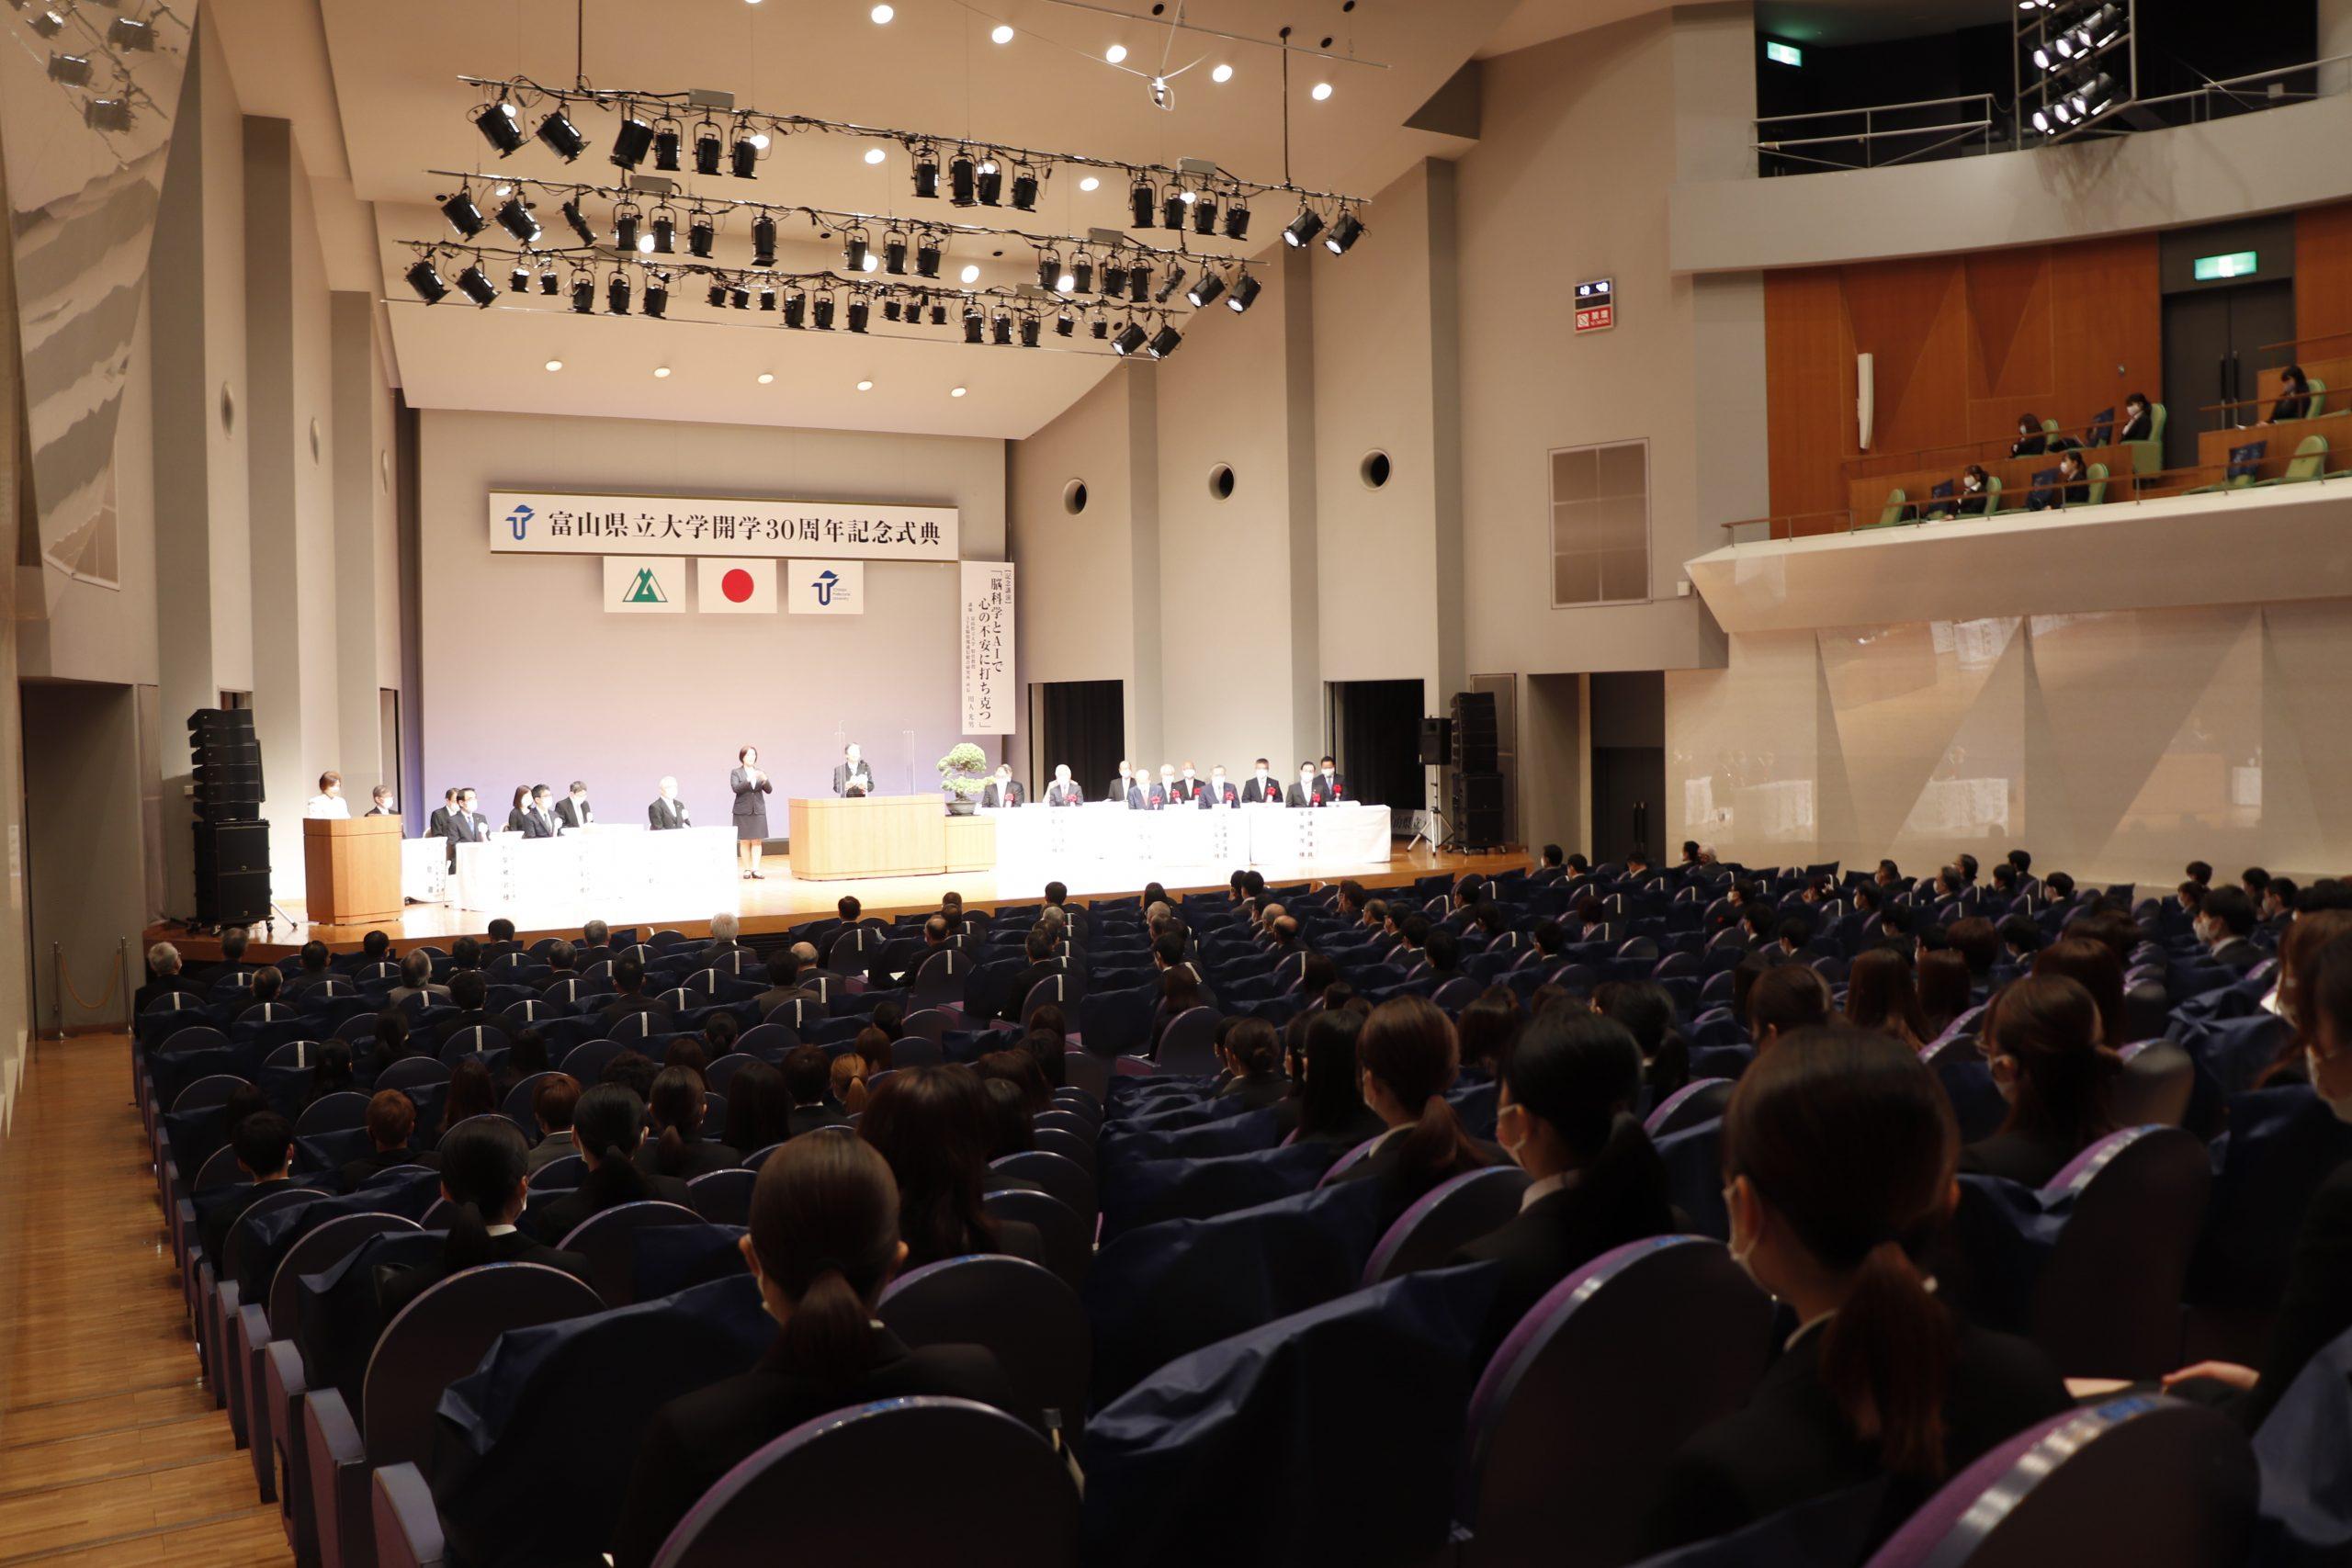 開学30周年記念式典